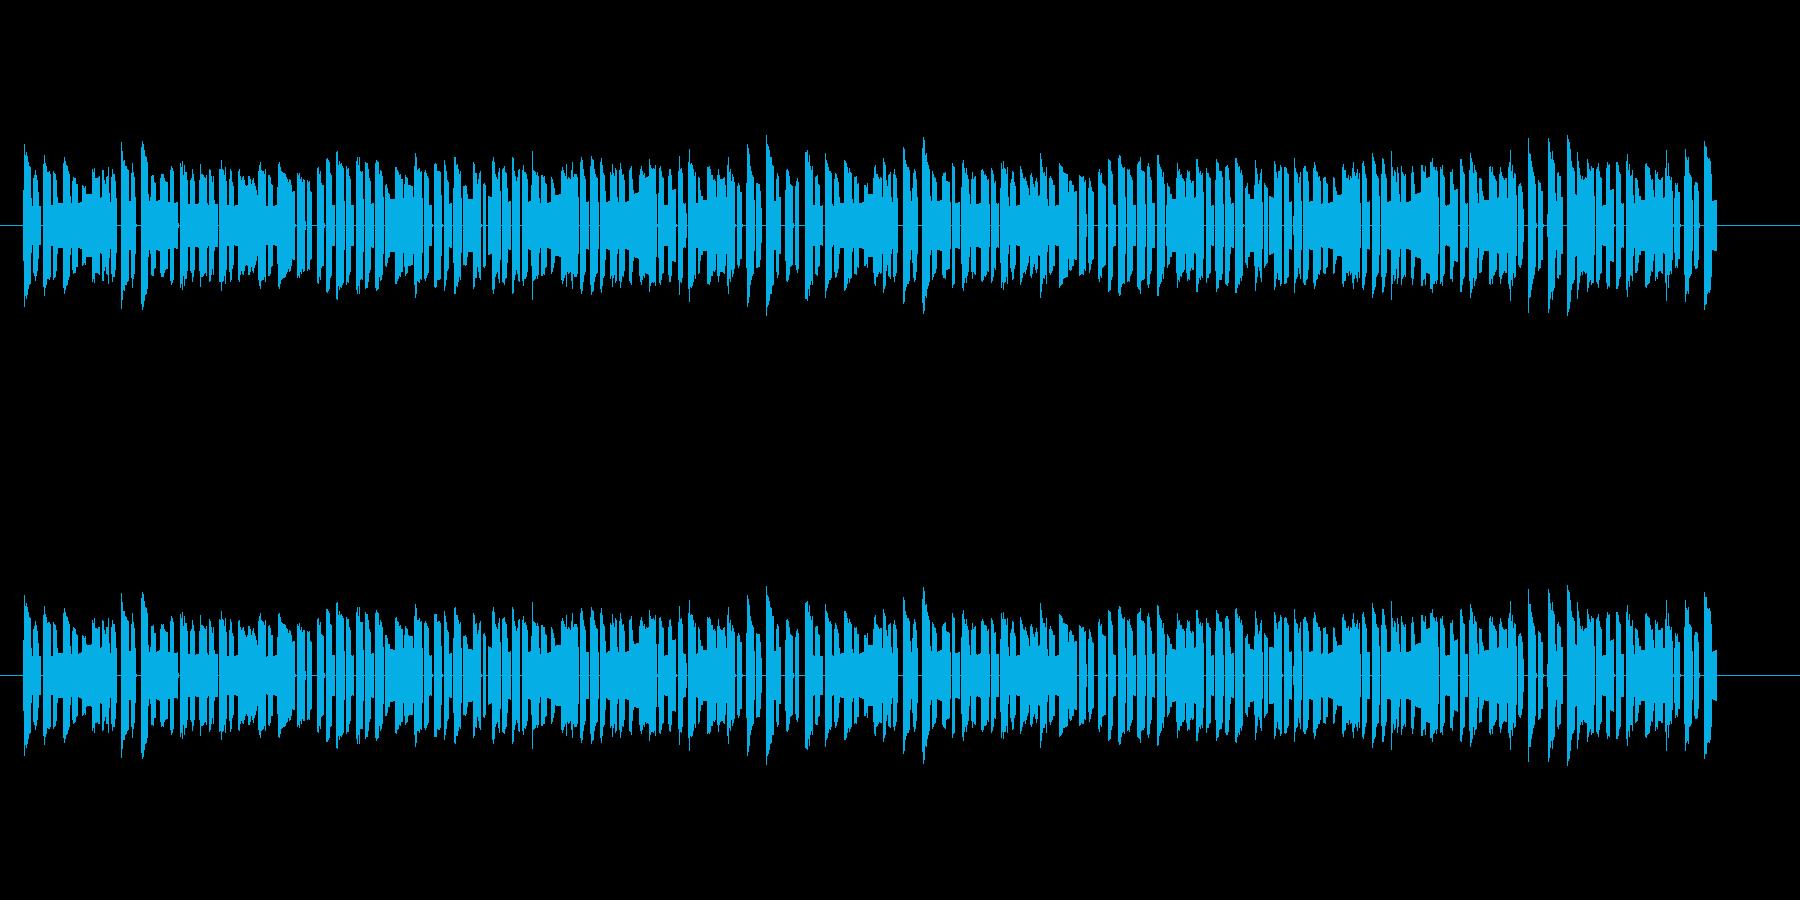 もろびとこぞりて 8bitゲームアレンジの再生済みの波形